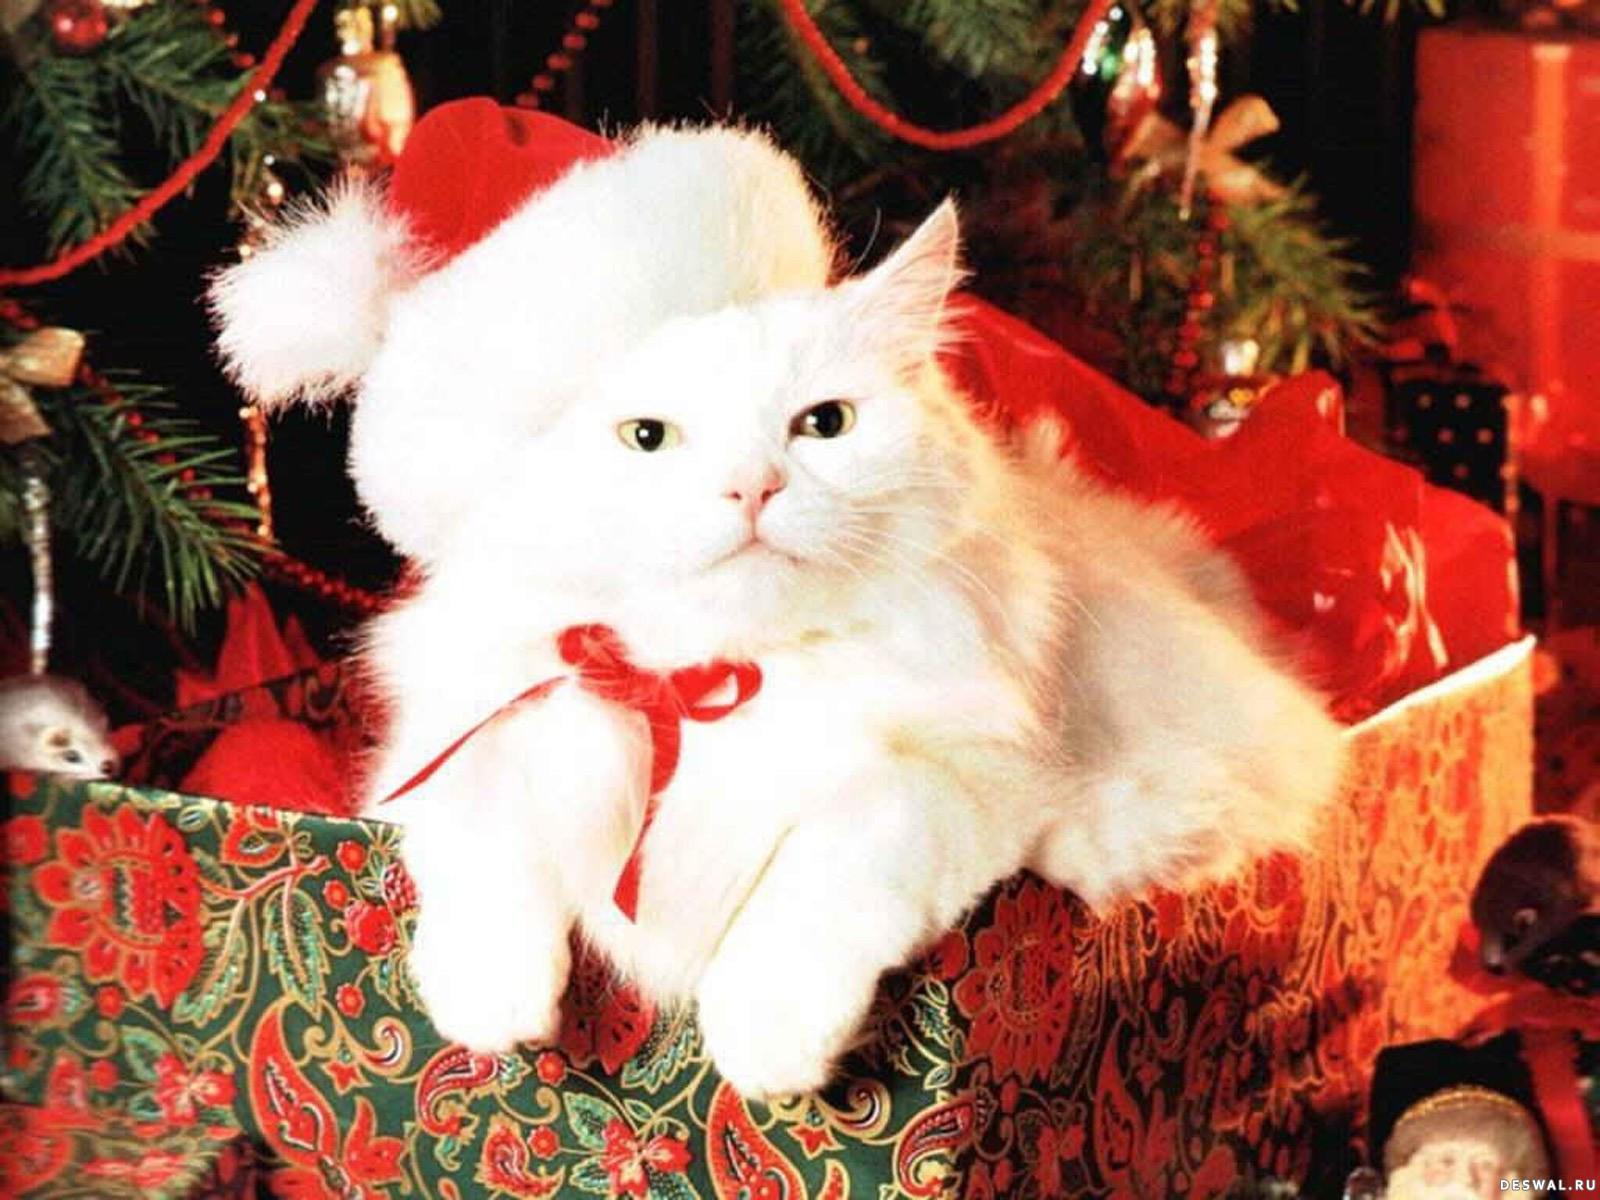 Людмилка. Желаю счастья. С Новым Годом, красавица.